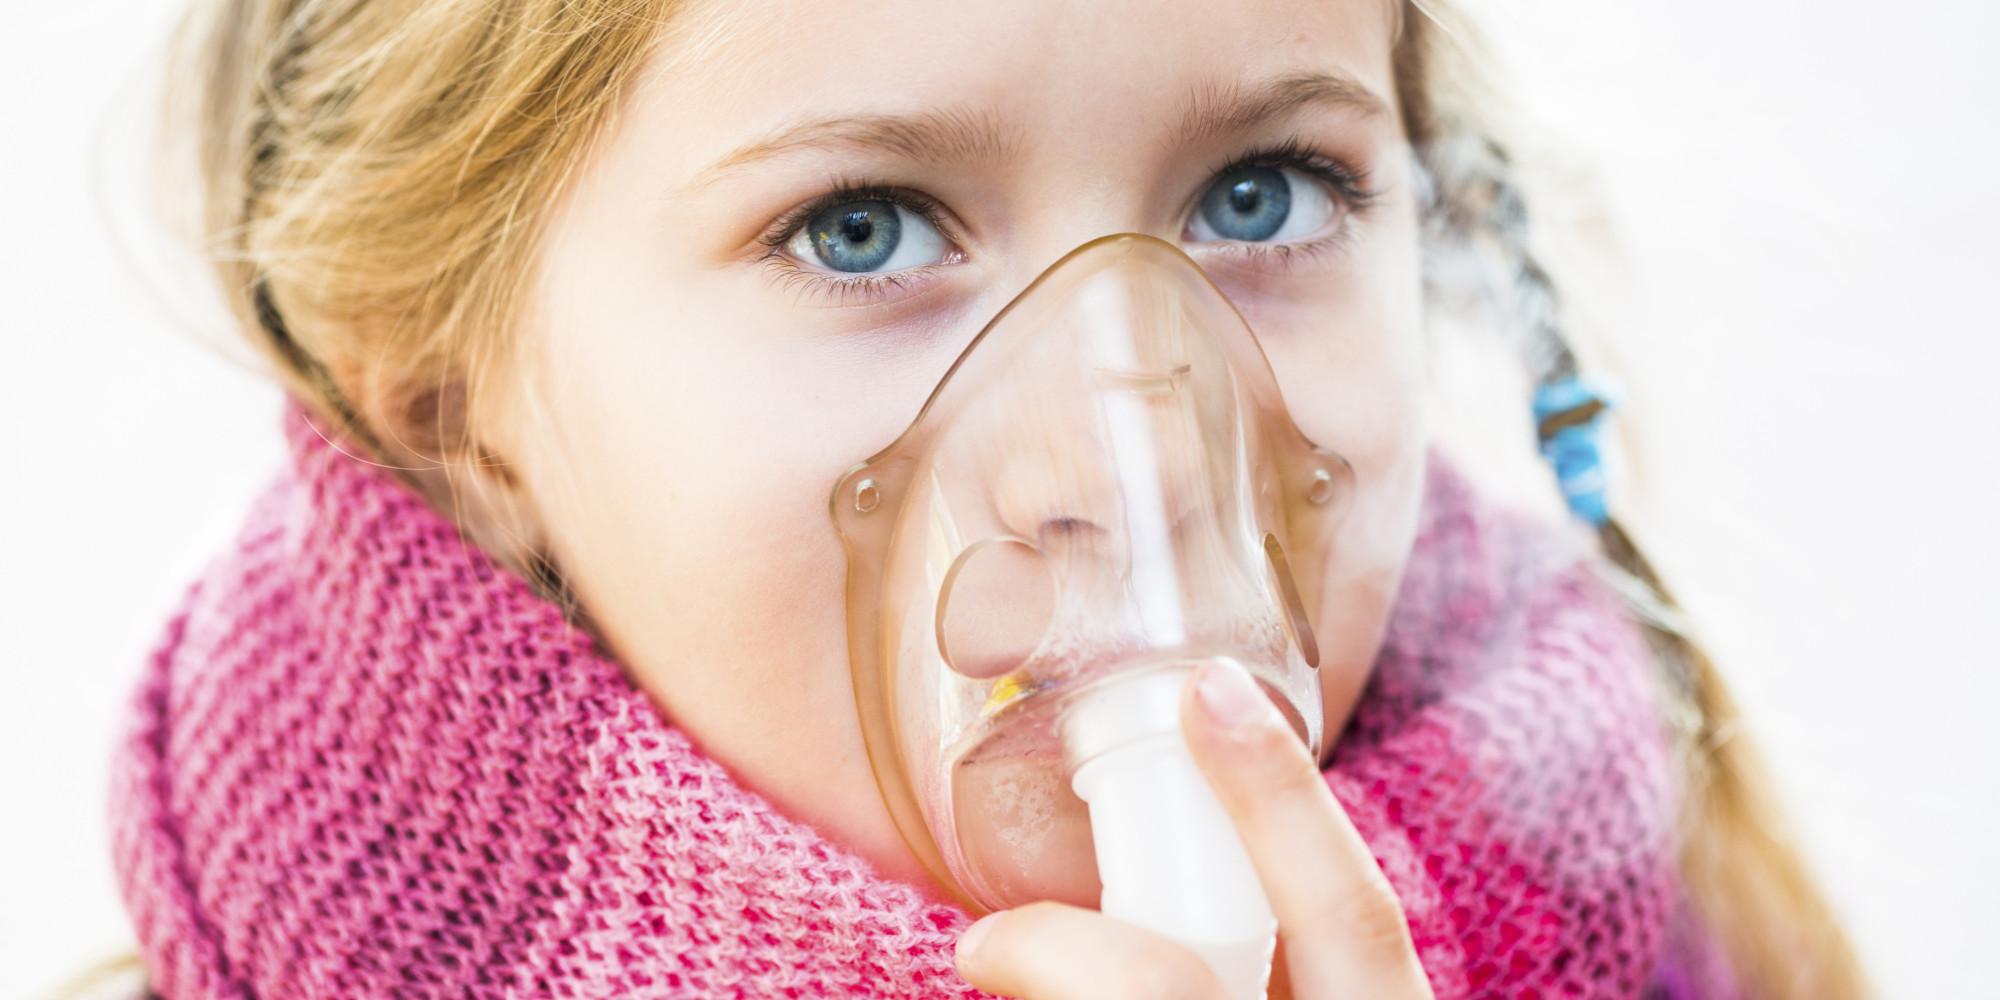 o-CHILD-RESPIRATORY-DISEASE-facebook